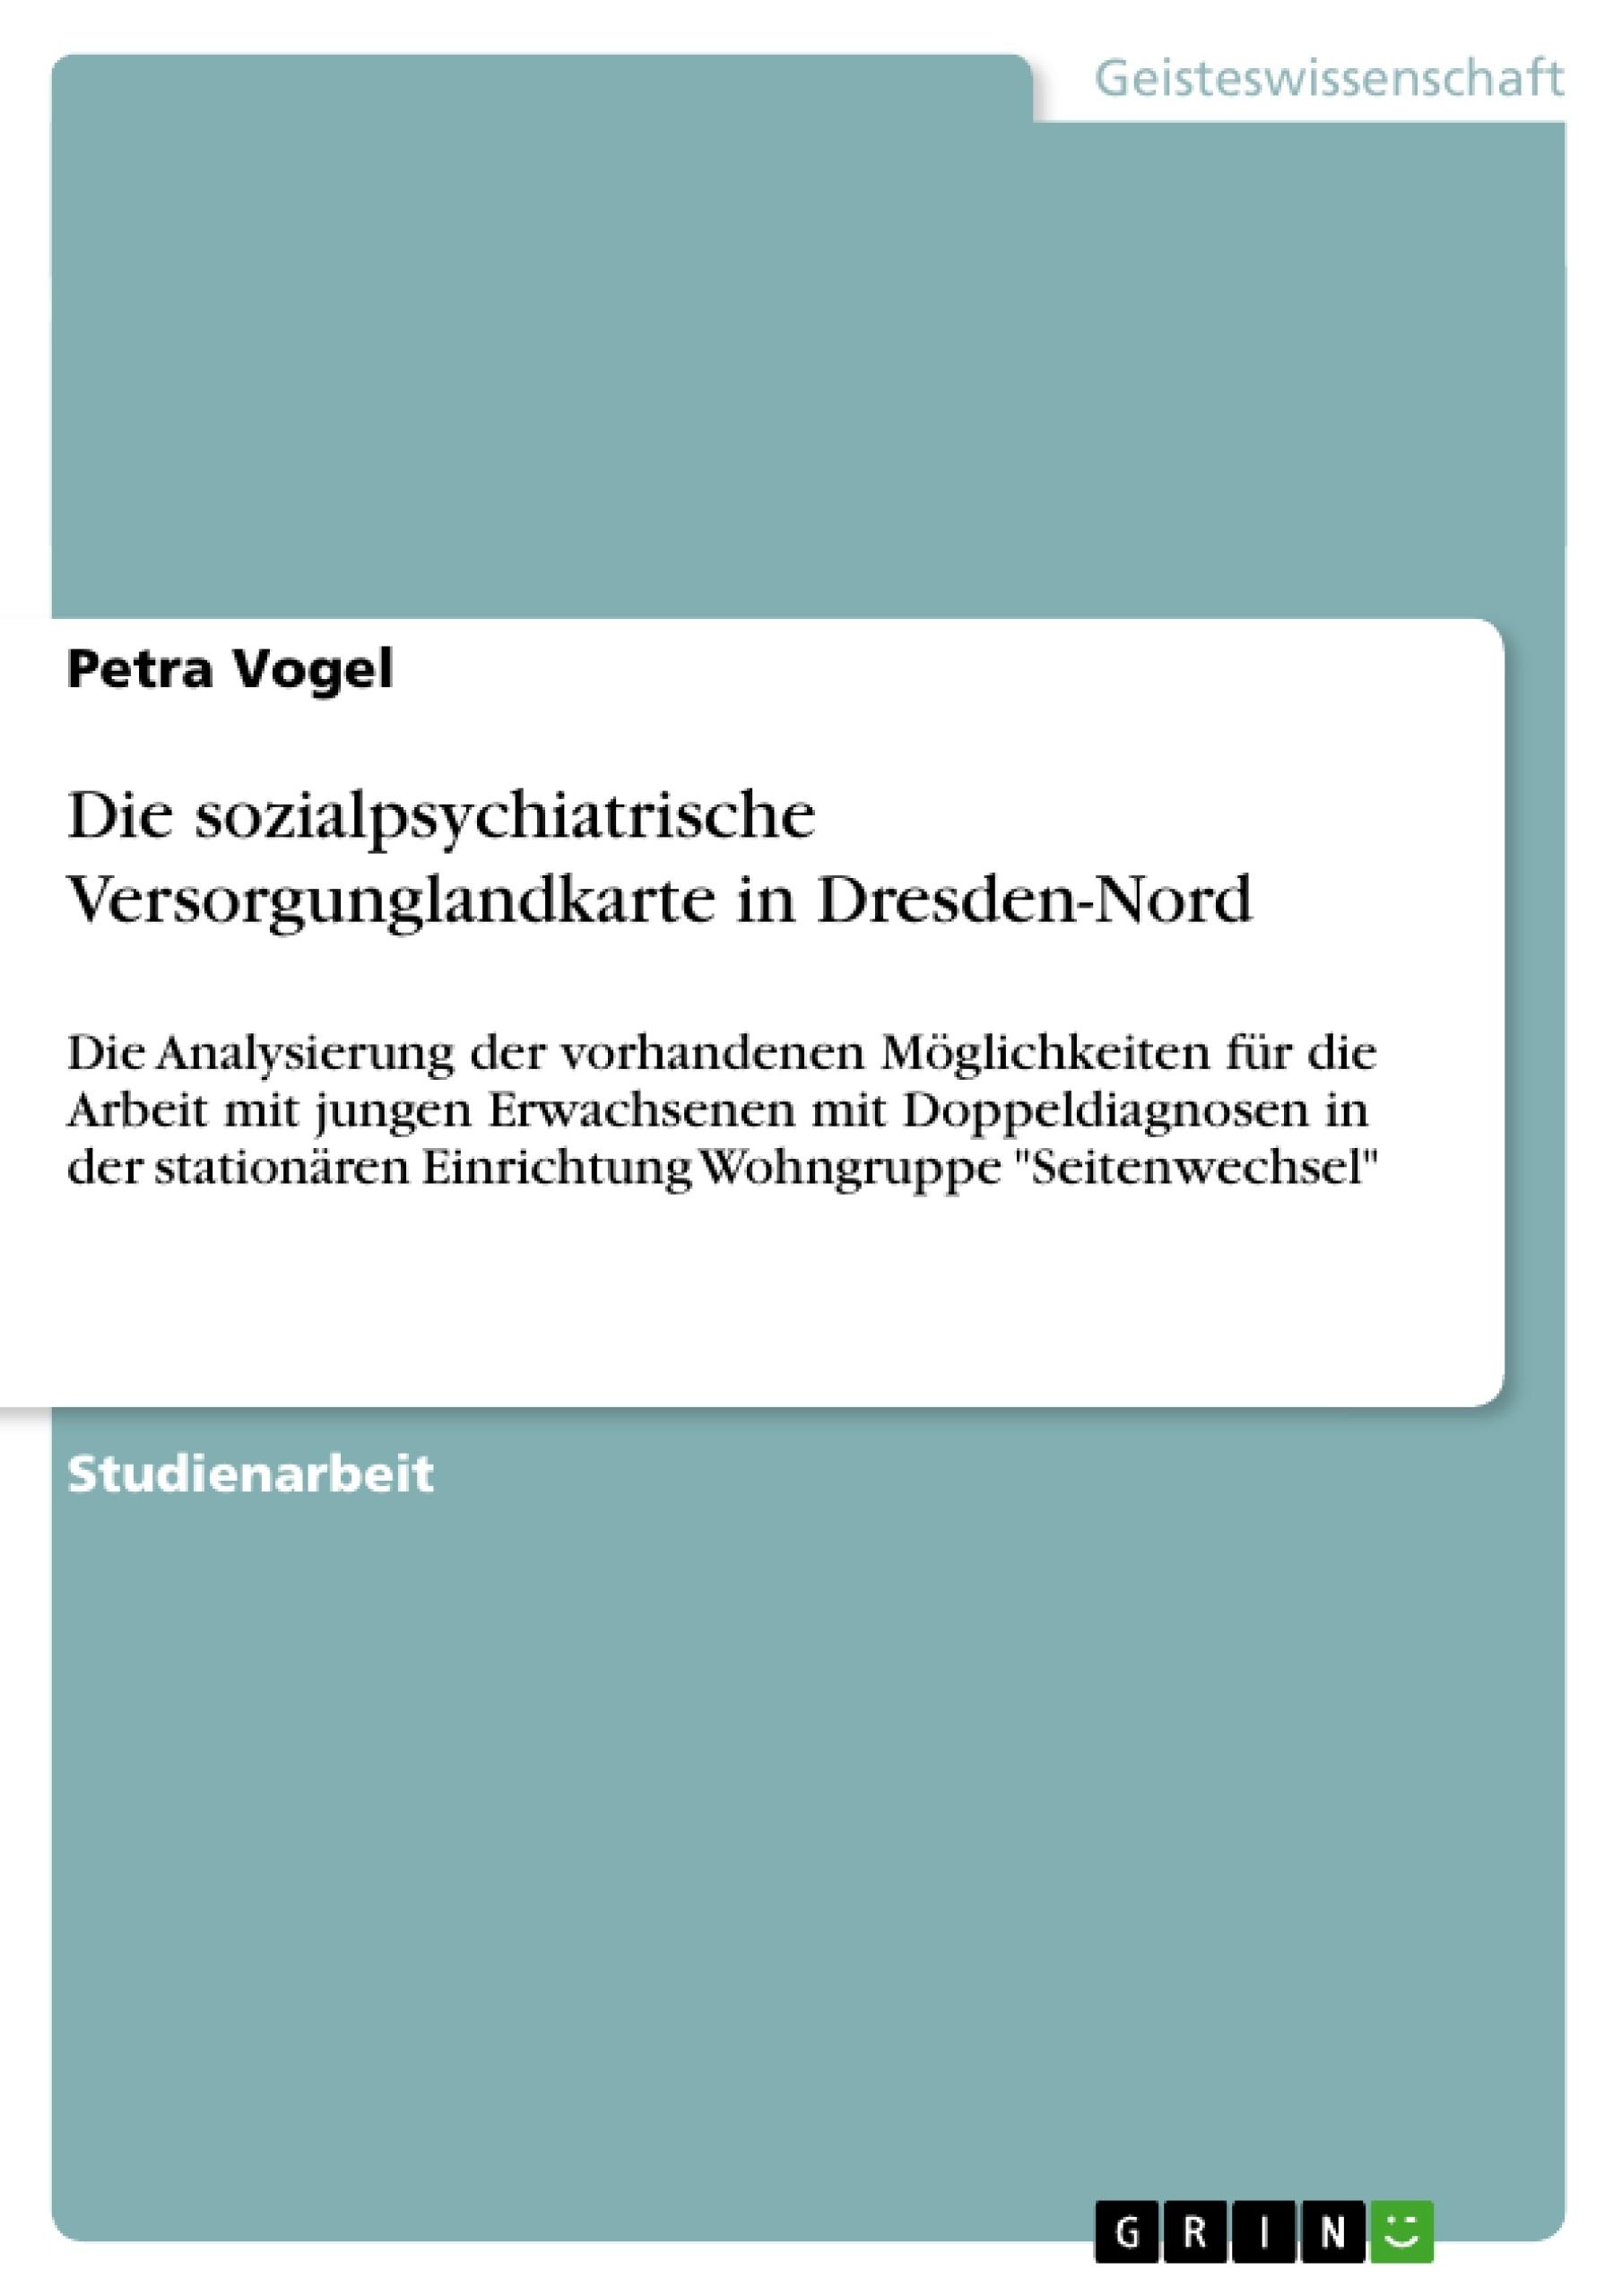 Titel: Die sozialpsychiatrische Versorgunglandkarte in Dresden-Nord